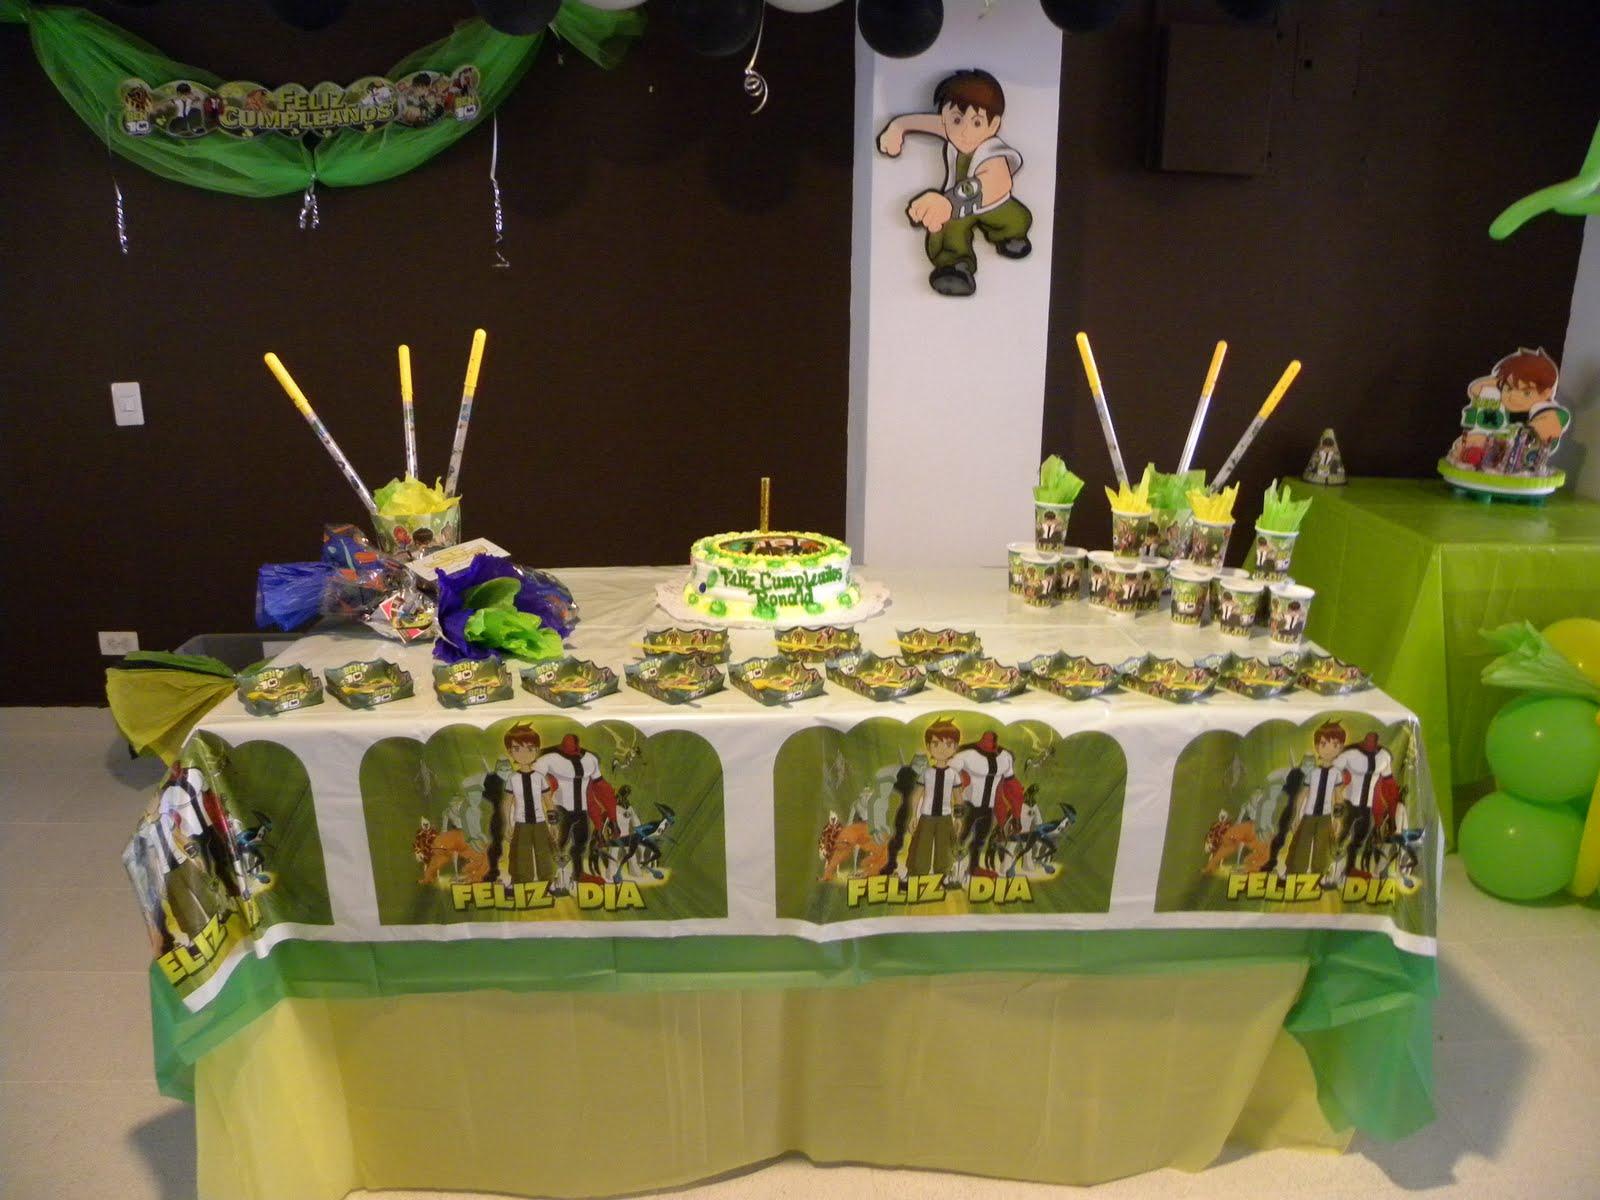 hacer parte de la celebracin desde la seleccin del tema de la fiesta la consecucin de la decoracin hasta la recreacin para nios y adultos